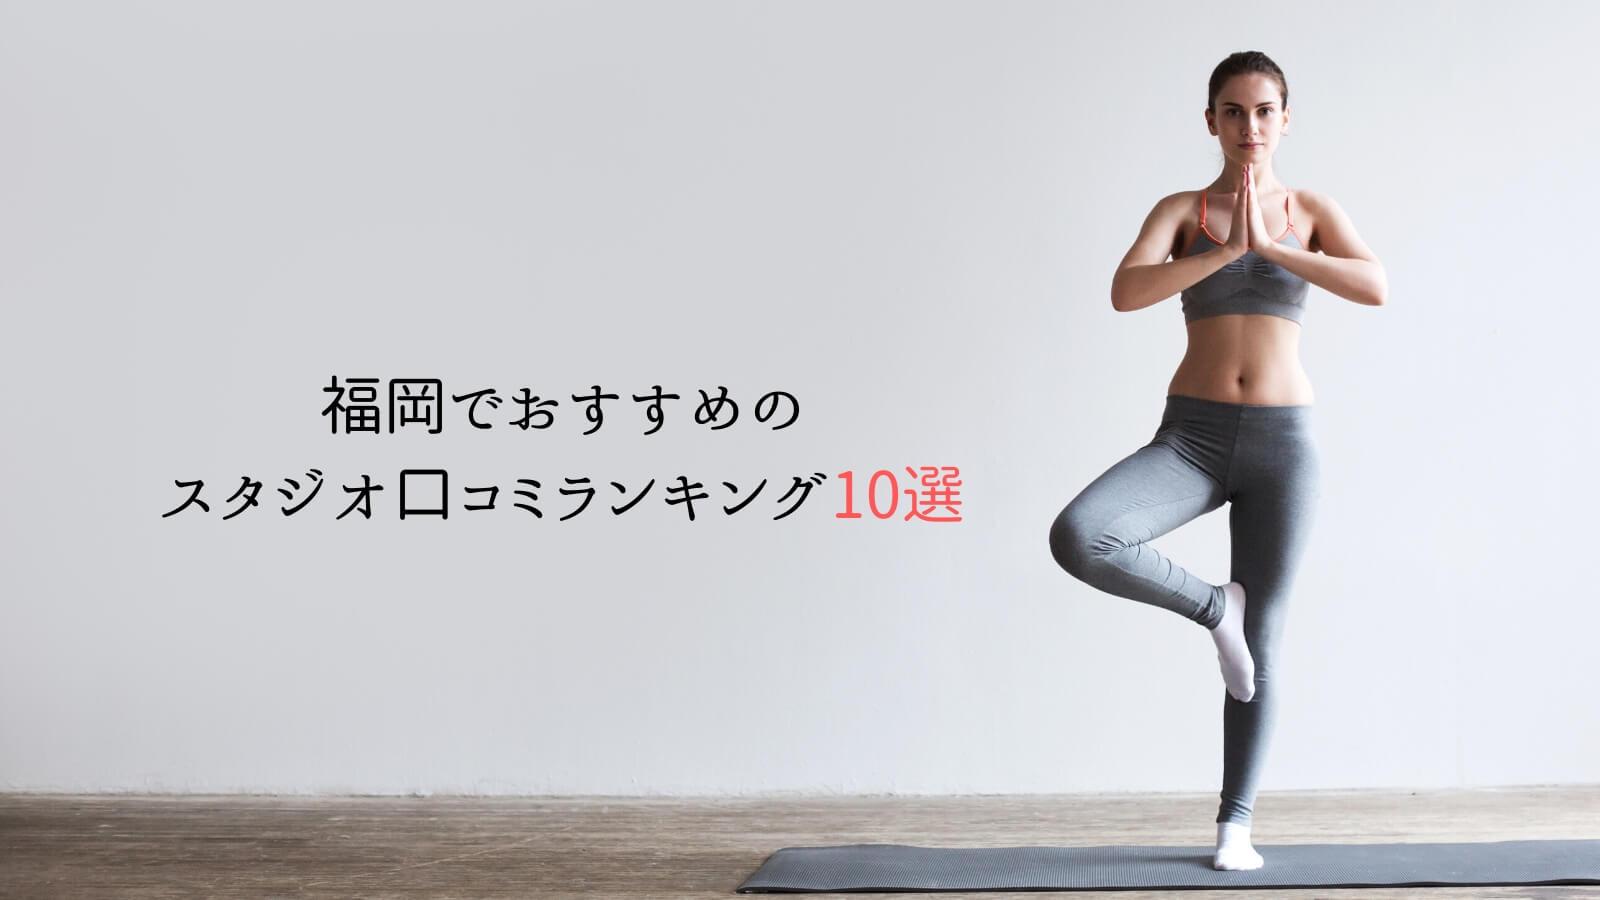 福岡でおすすめのピラティススタジオ口コミランキング10選